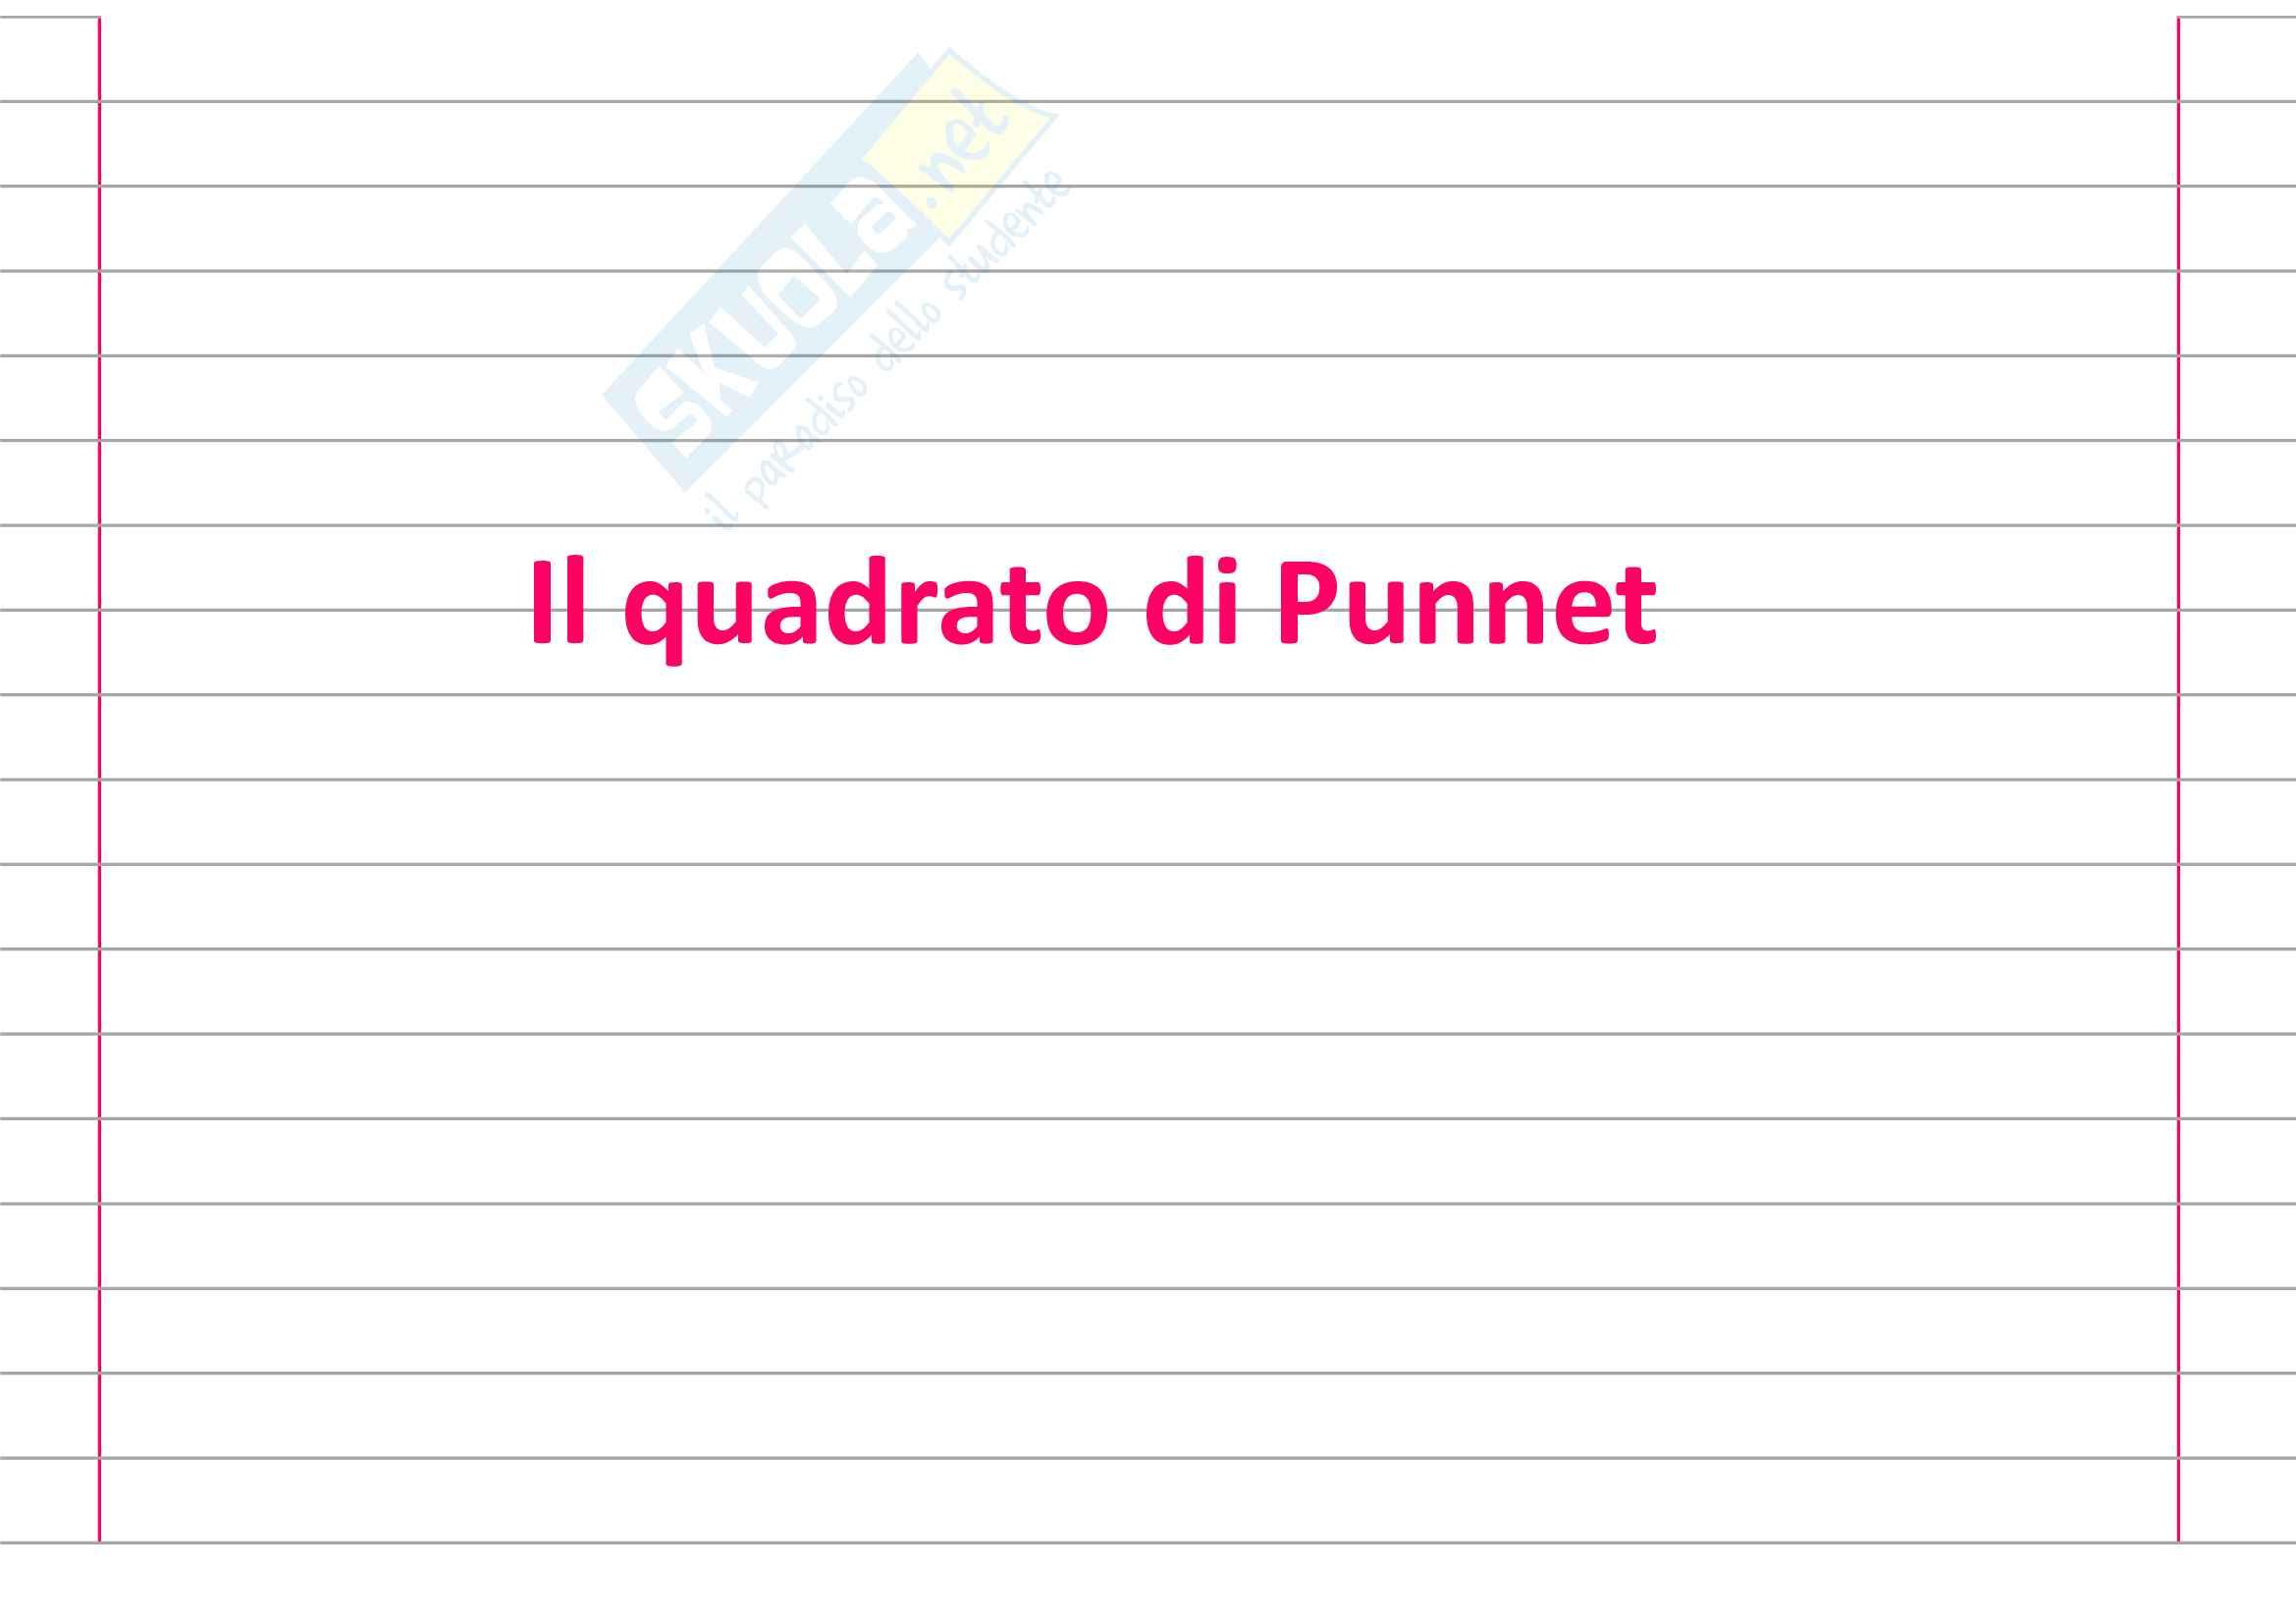 Il quadrato di Punnet